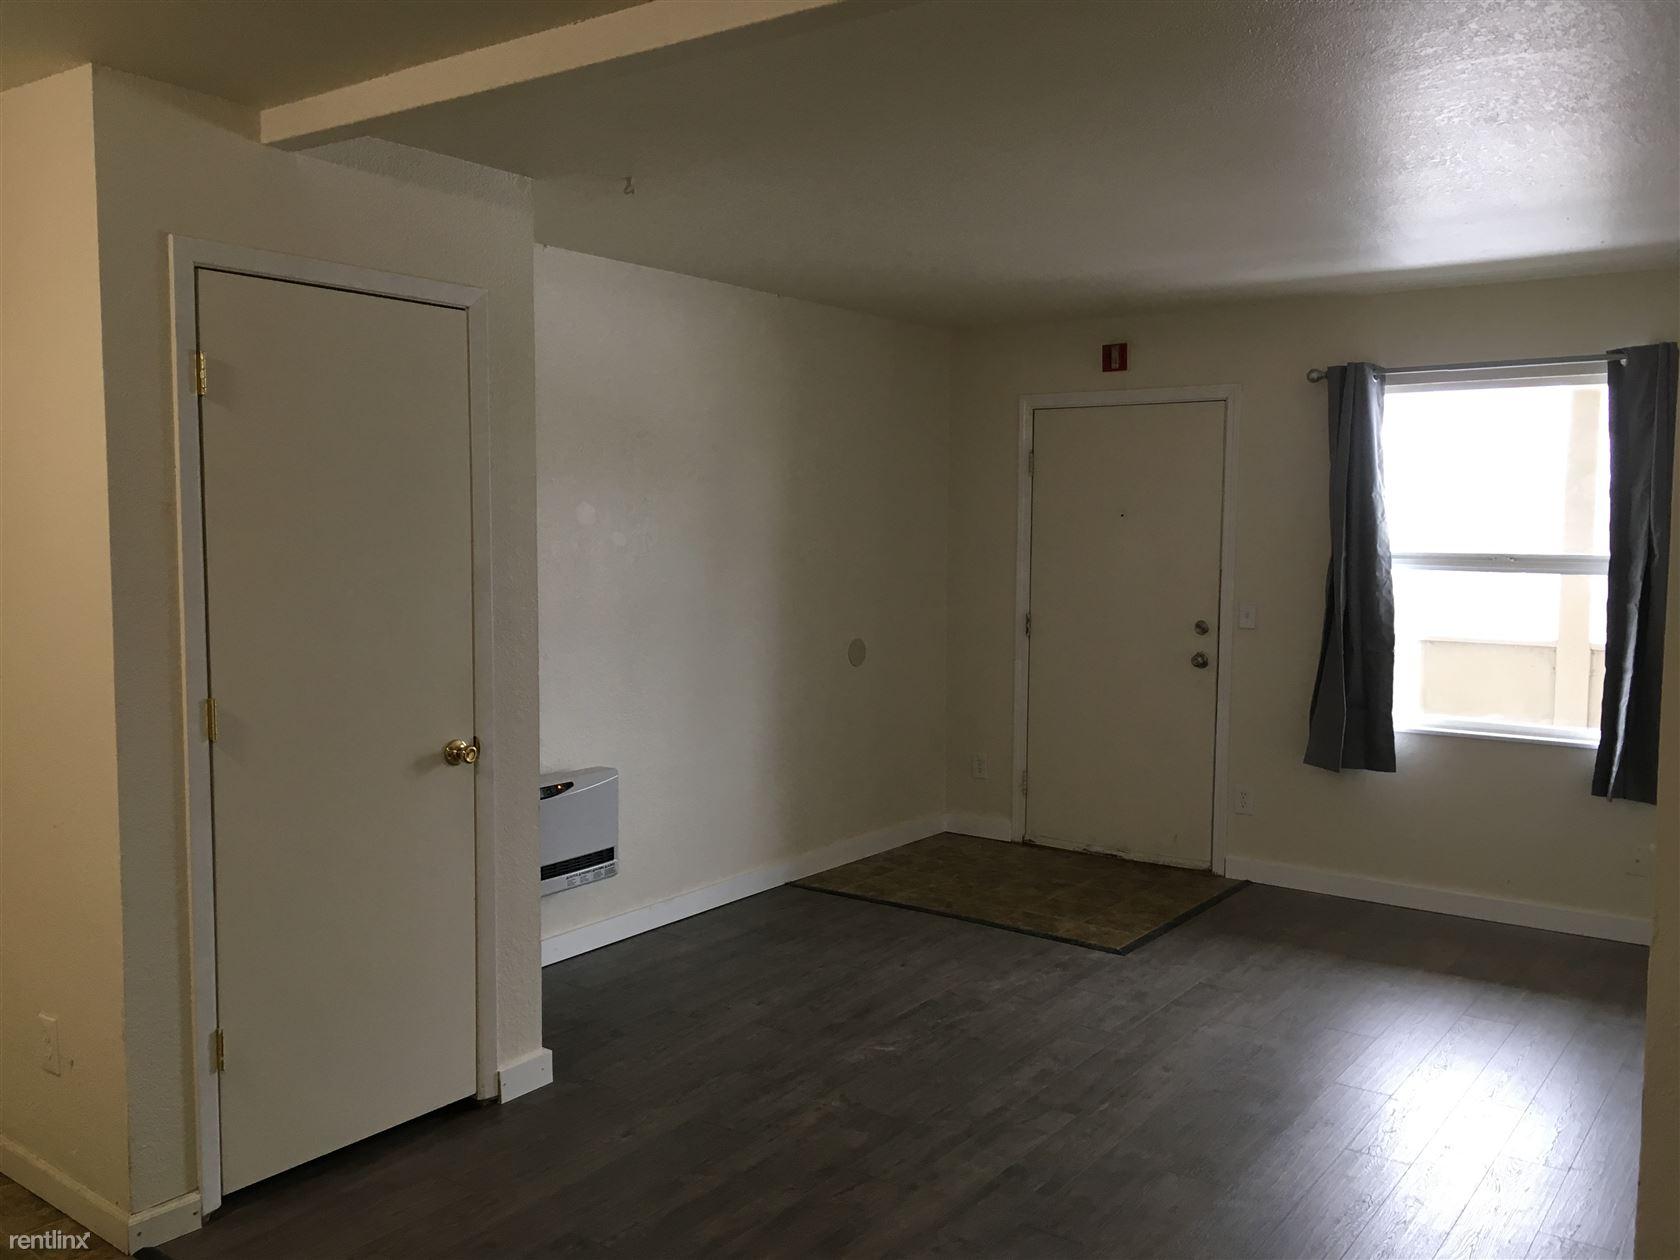 3424 Thompson Ave, Anchorage, AK - $900